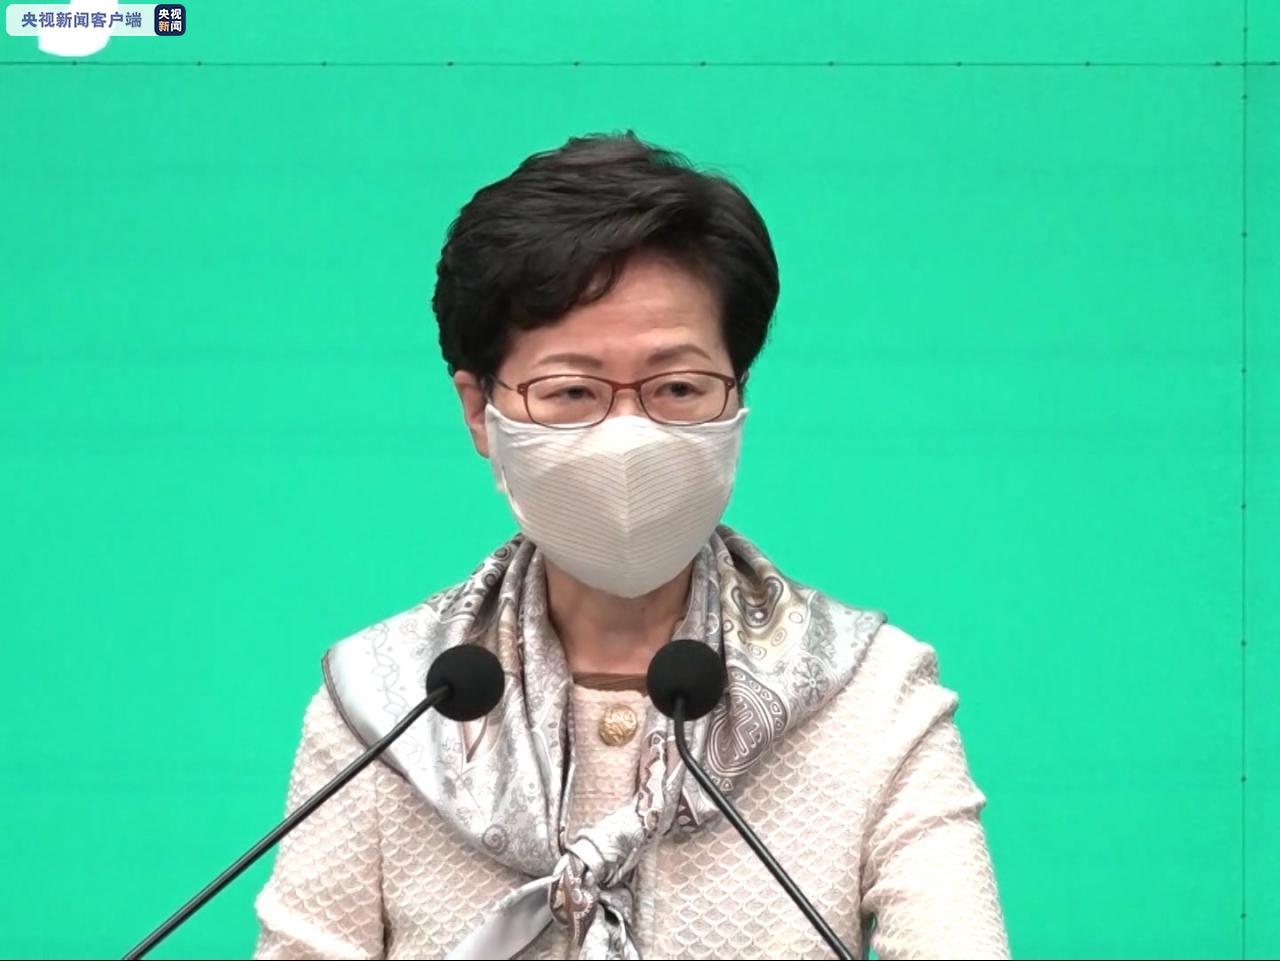 香港特区政府第一期保就业计划5月25日起接受申请图片